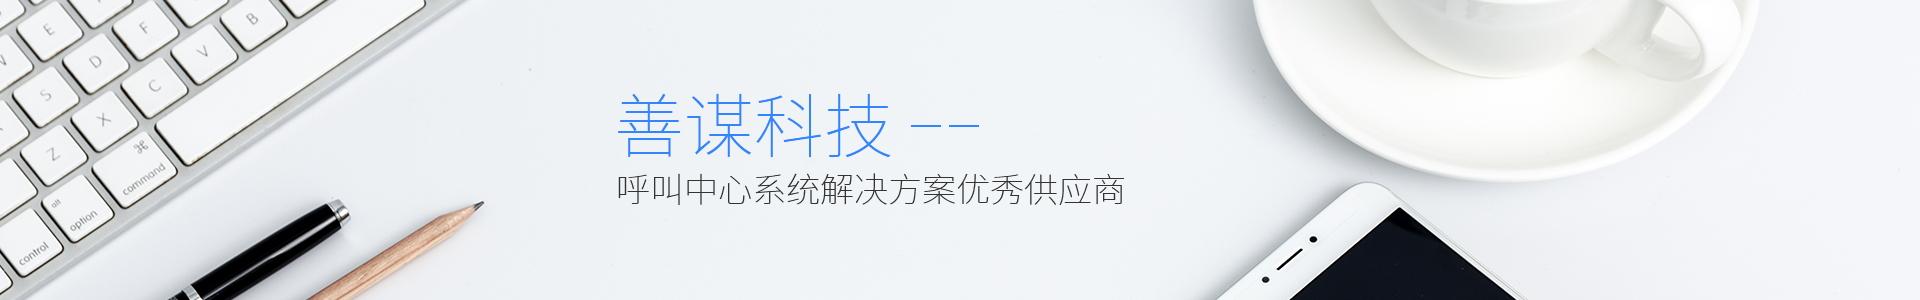 重庆呼叫中心